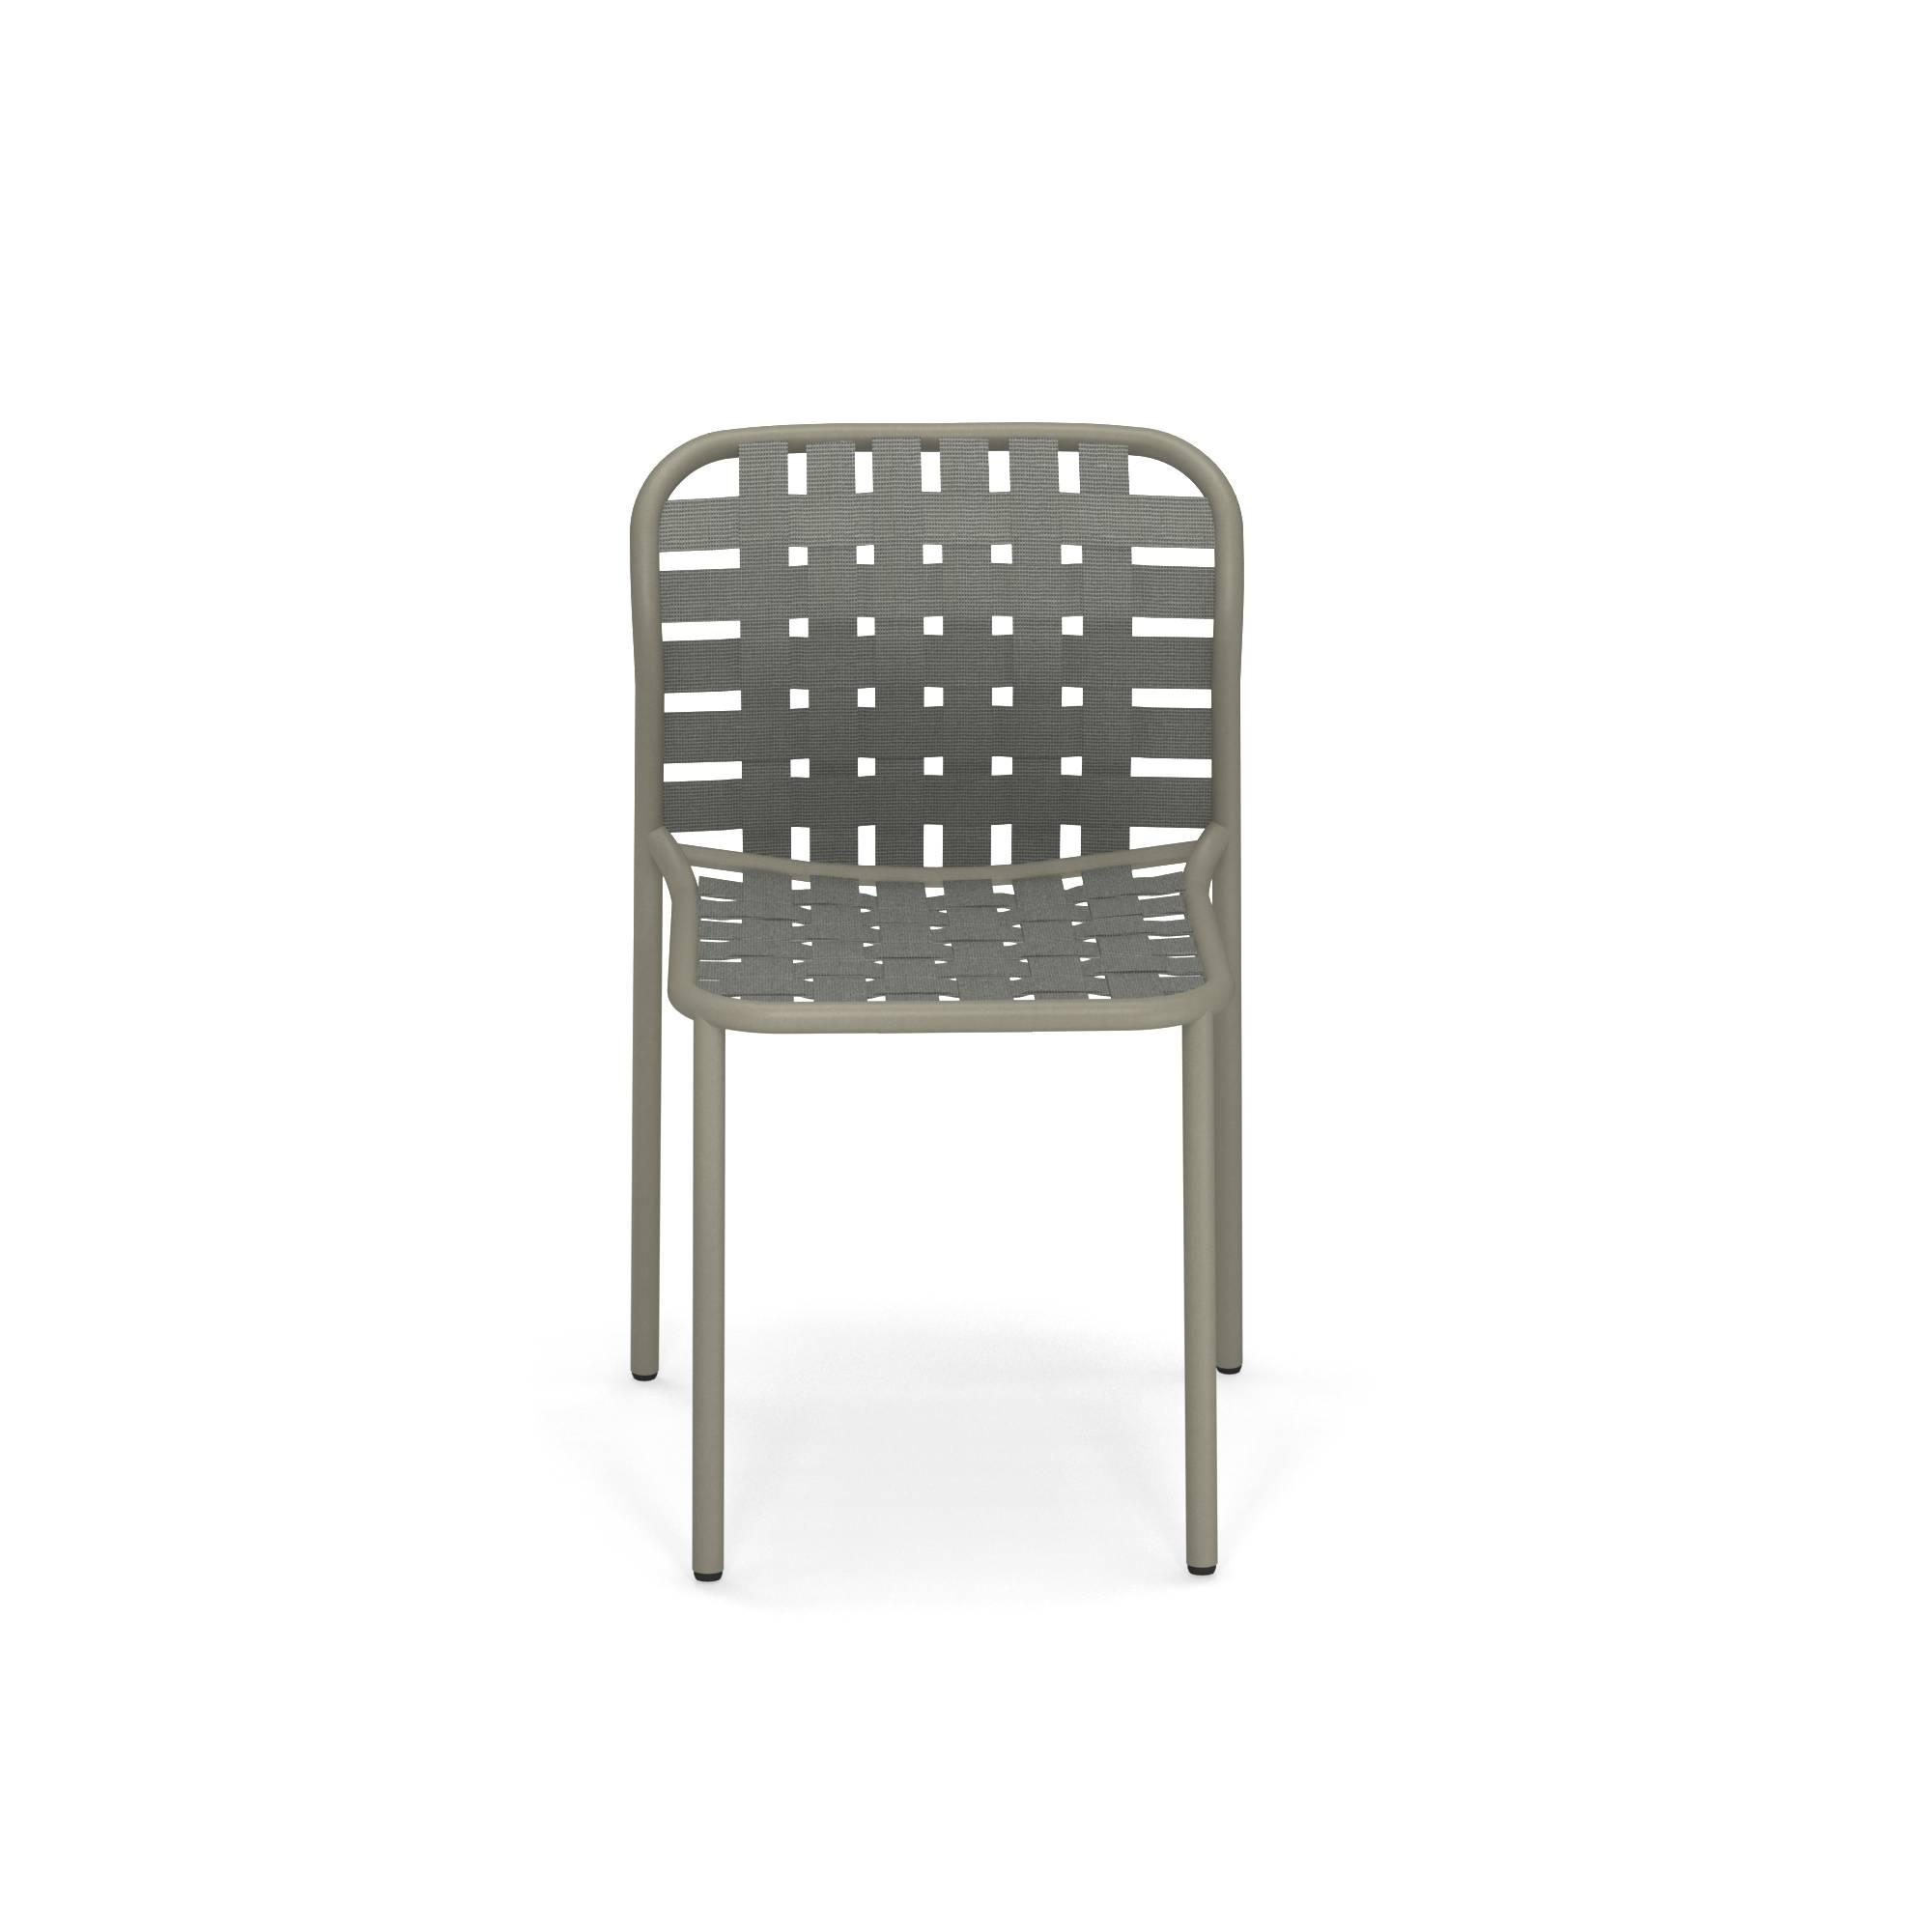 Sedia Da Giardino Esterno In Alluminio E Cinghie Elastiche Collezione Yard Emu